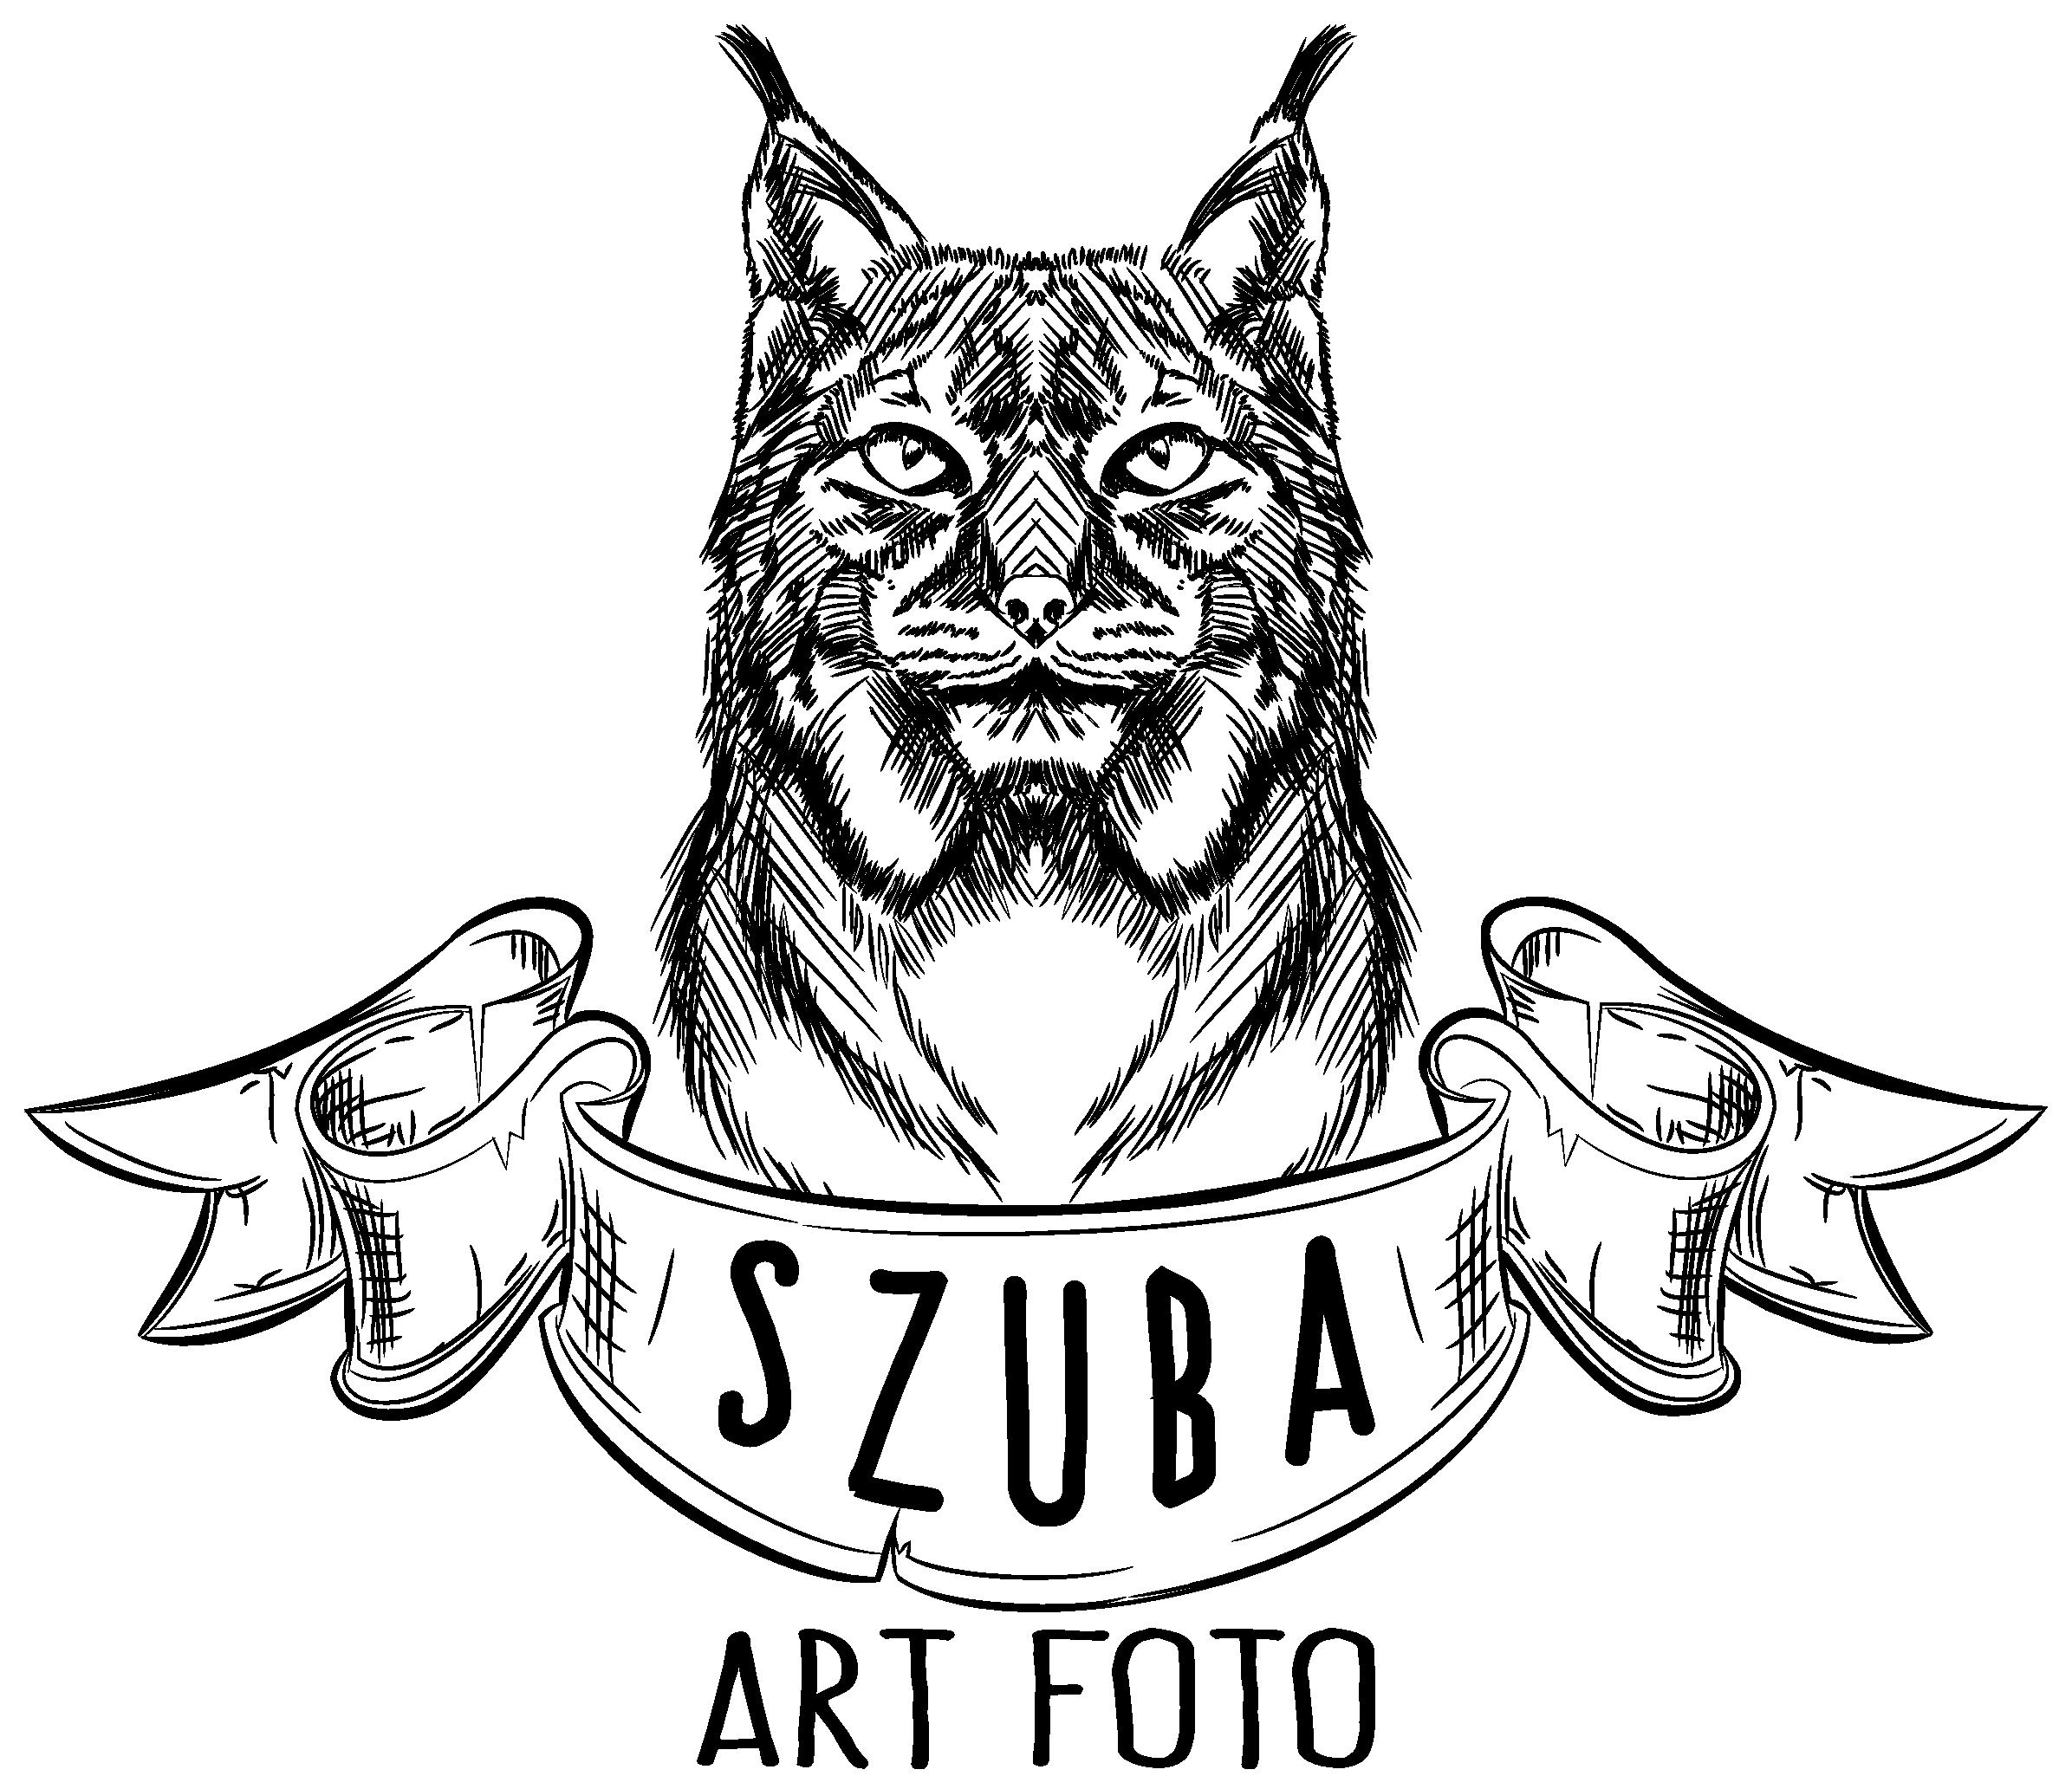 Fotograf ślubny, wedding photography, reporterska i portretowa fotografia ślubna, fotografia ślubna Warszawa, Mińsk Mazowiecki, zdjęcia ślubne, fotograf ślubny, ślub, fotografie, zdjęcia ślubne Warszawa, fotografia ślubna Mińsk Mazowiecki